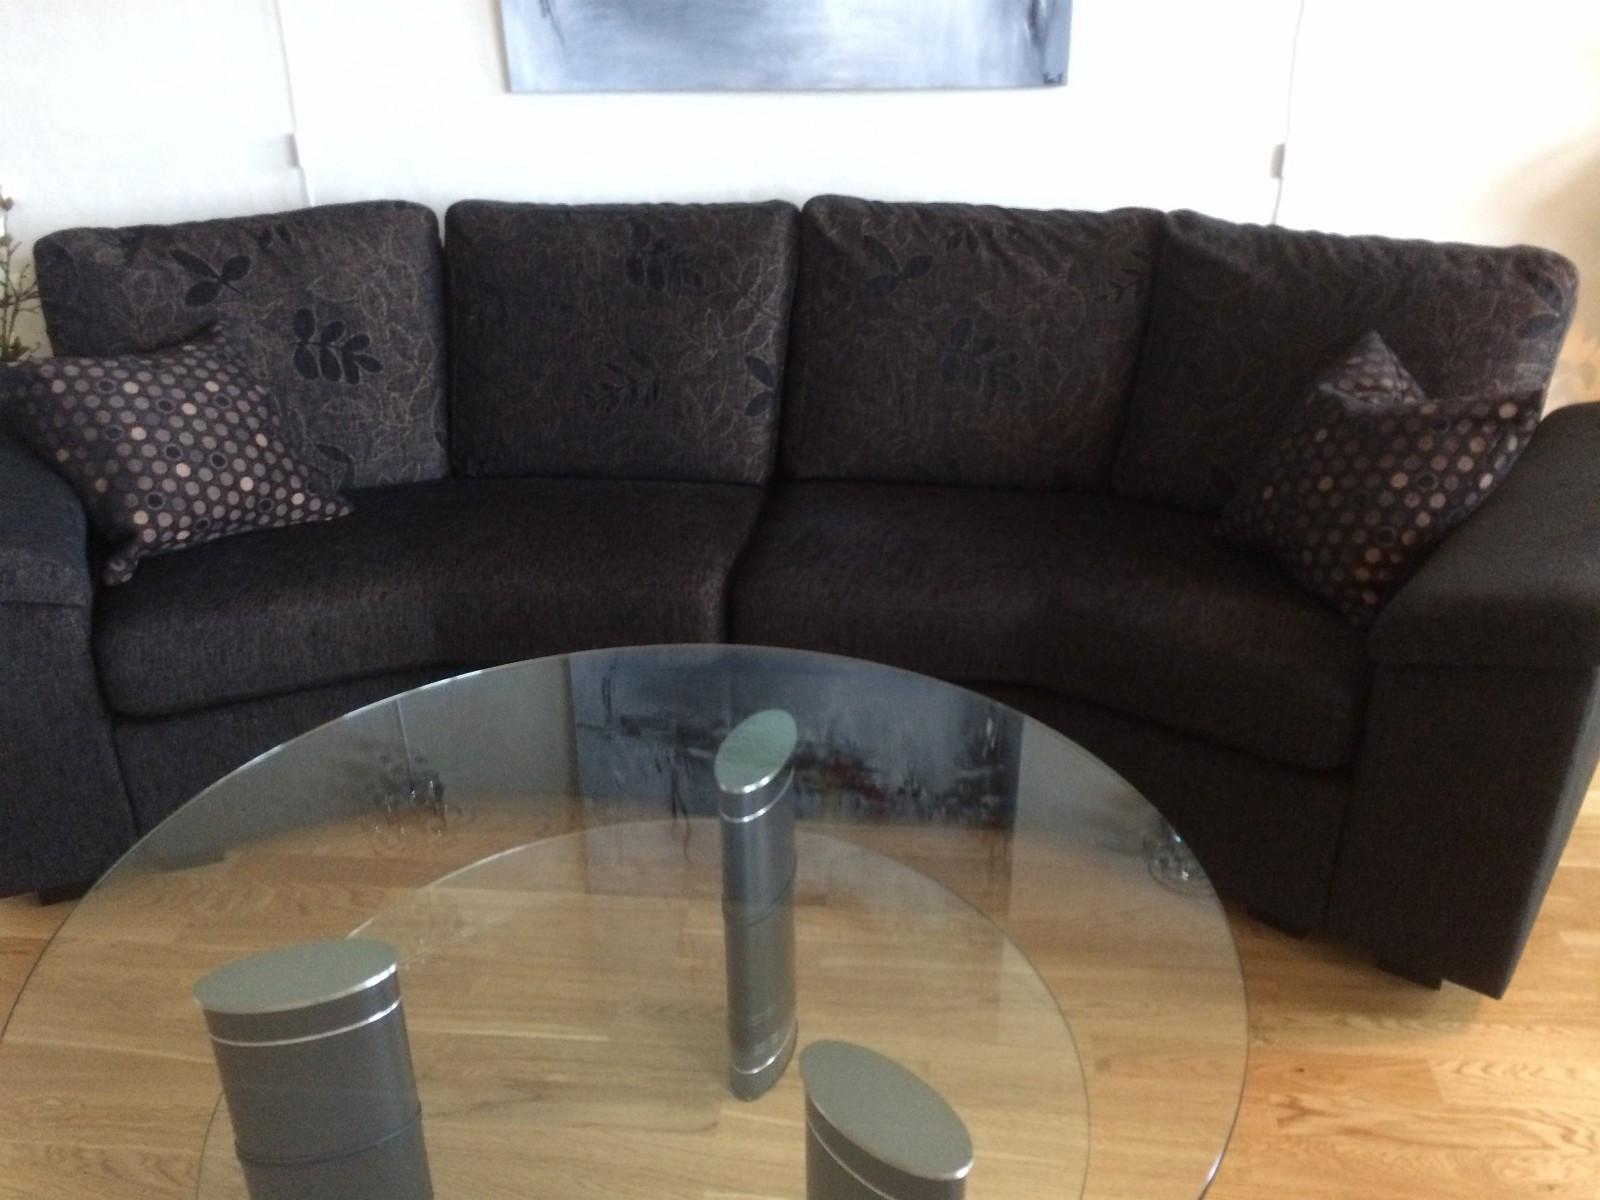 Choice sofa, 4 seter. - Bergen  - 1år gammel, røykfri, uten slitasje. Brunsvart med mønster på ryggputene. Kjøpt på Fagmøbler. - Bergen